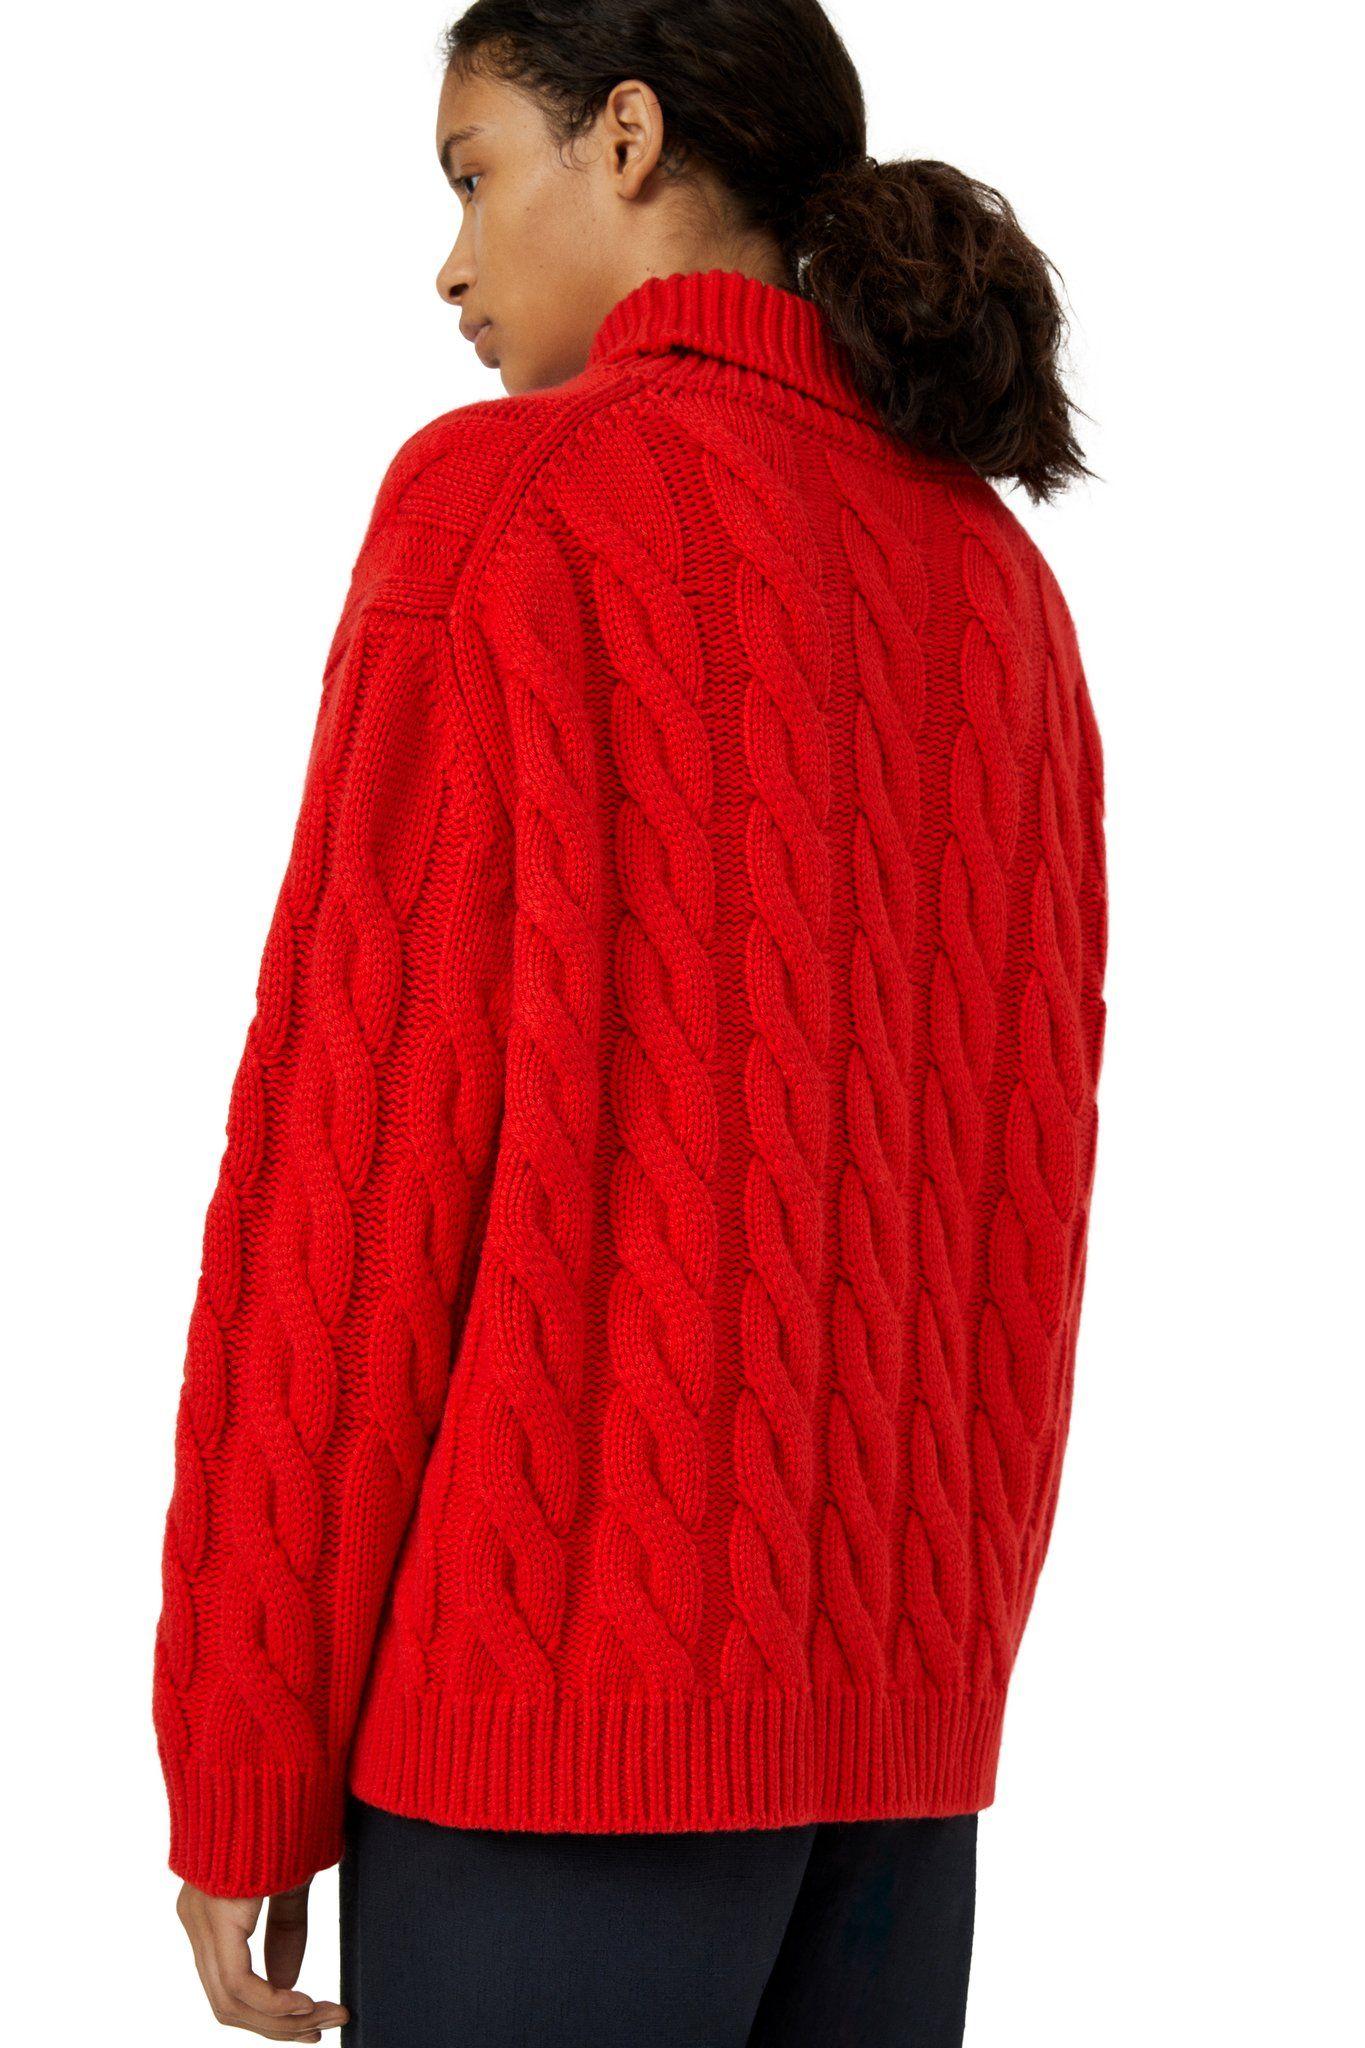 Cashmere Cable Knit Turtleneck - Flamma